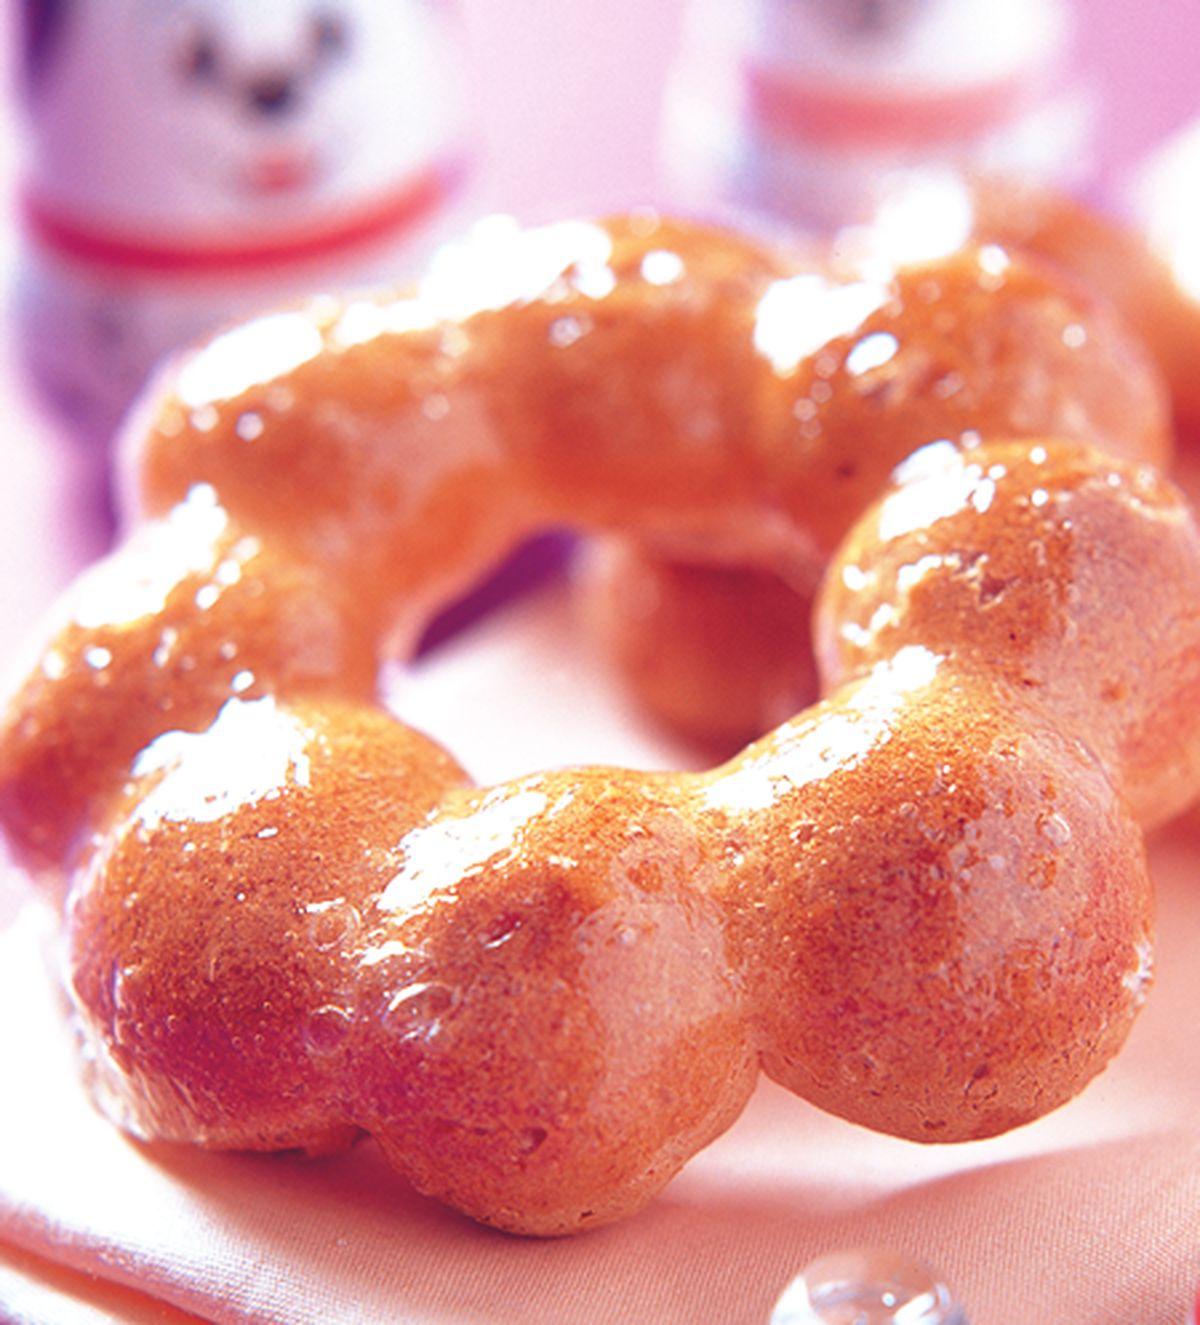 食譜:串珍珠甜甜圈